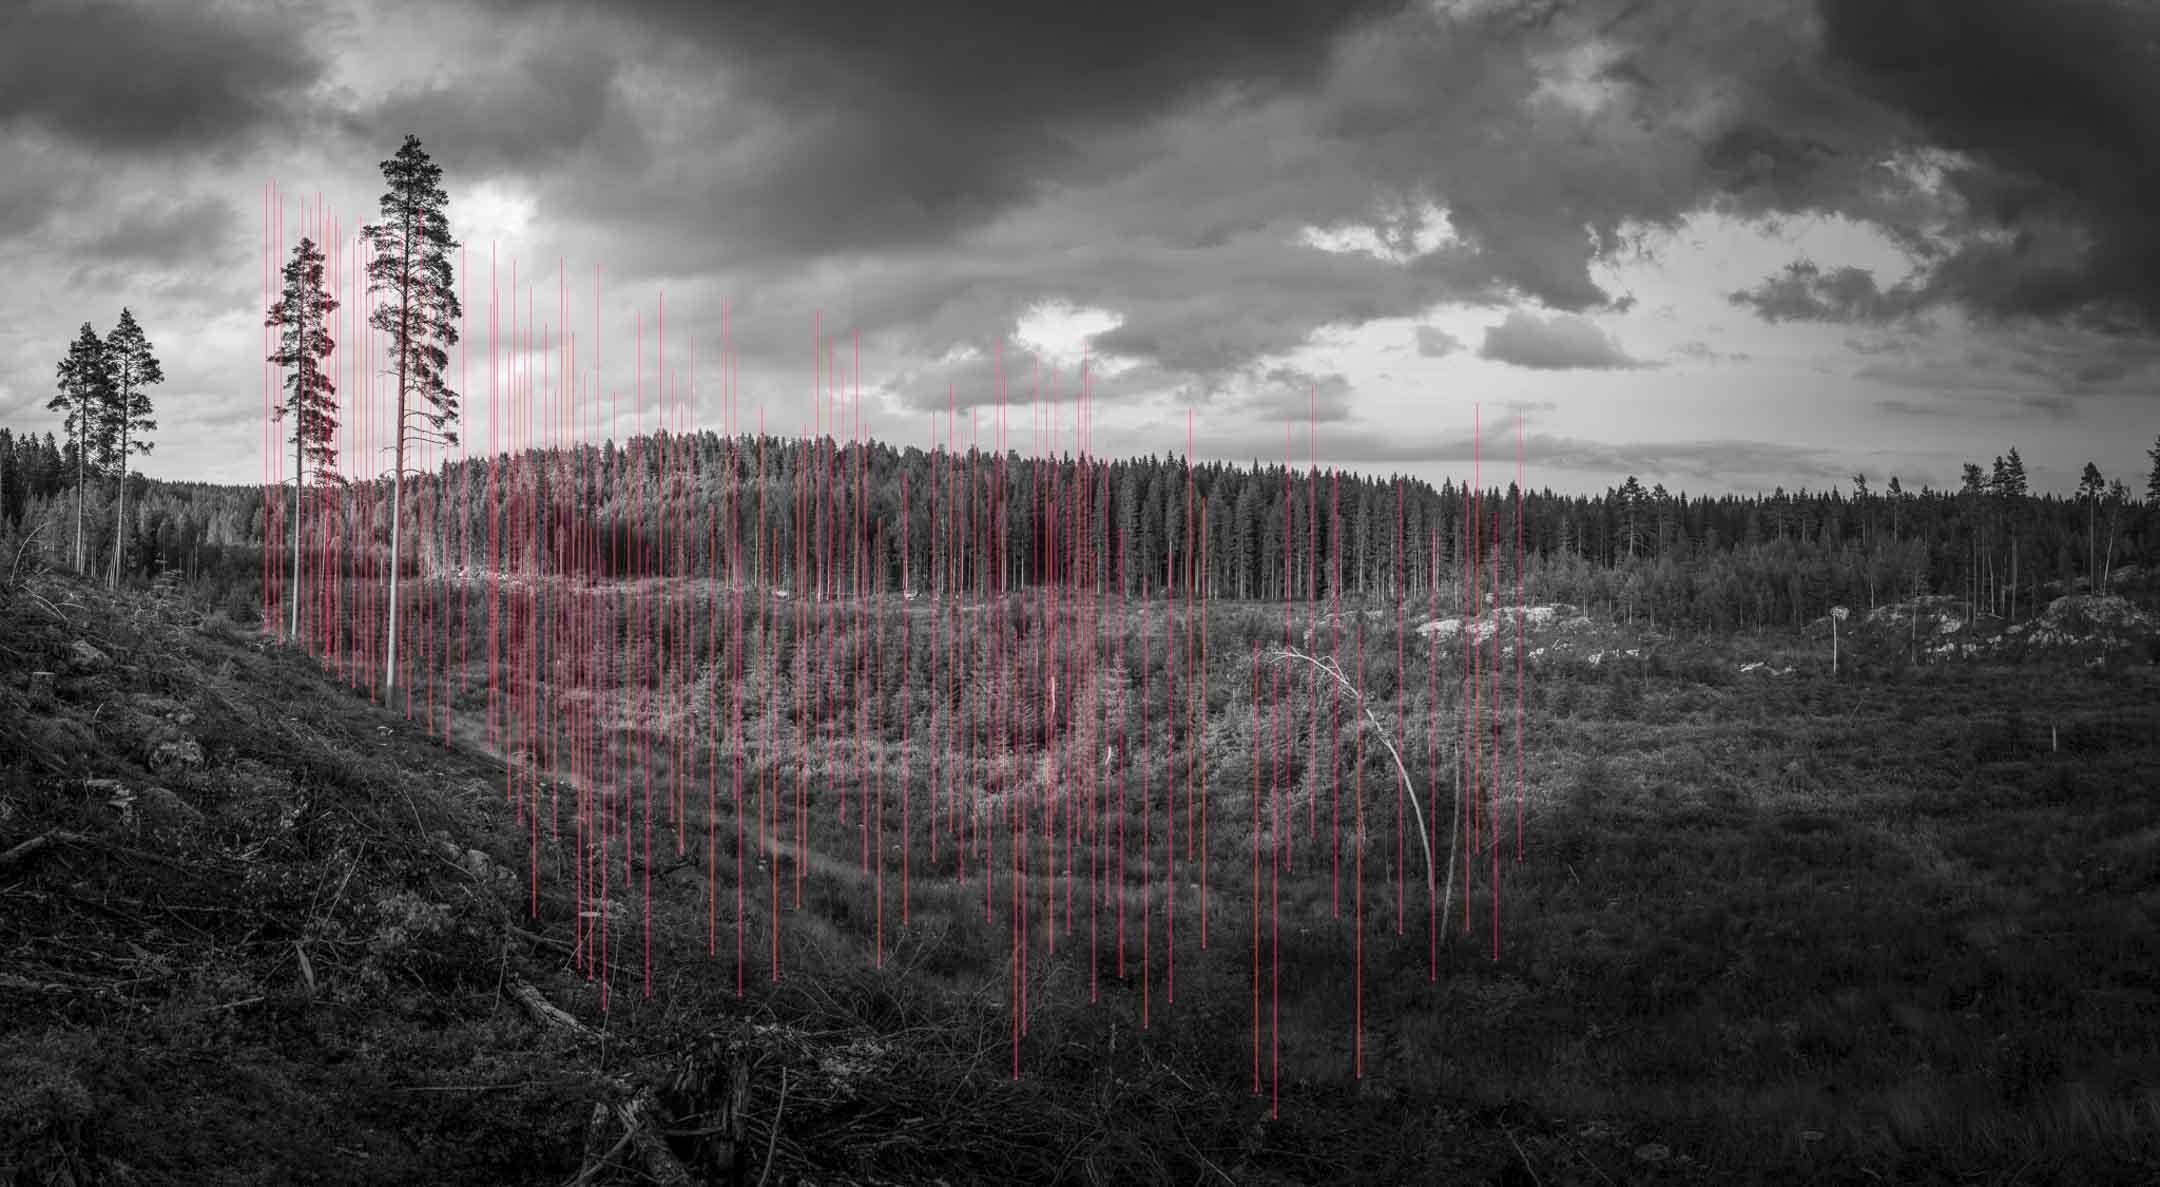 「了解100公頃」(100 hectares of Understanding)系列-100 PlantedSaviors Of The Heritage,2015 © Jaakko Kahilaniemi